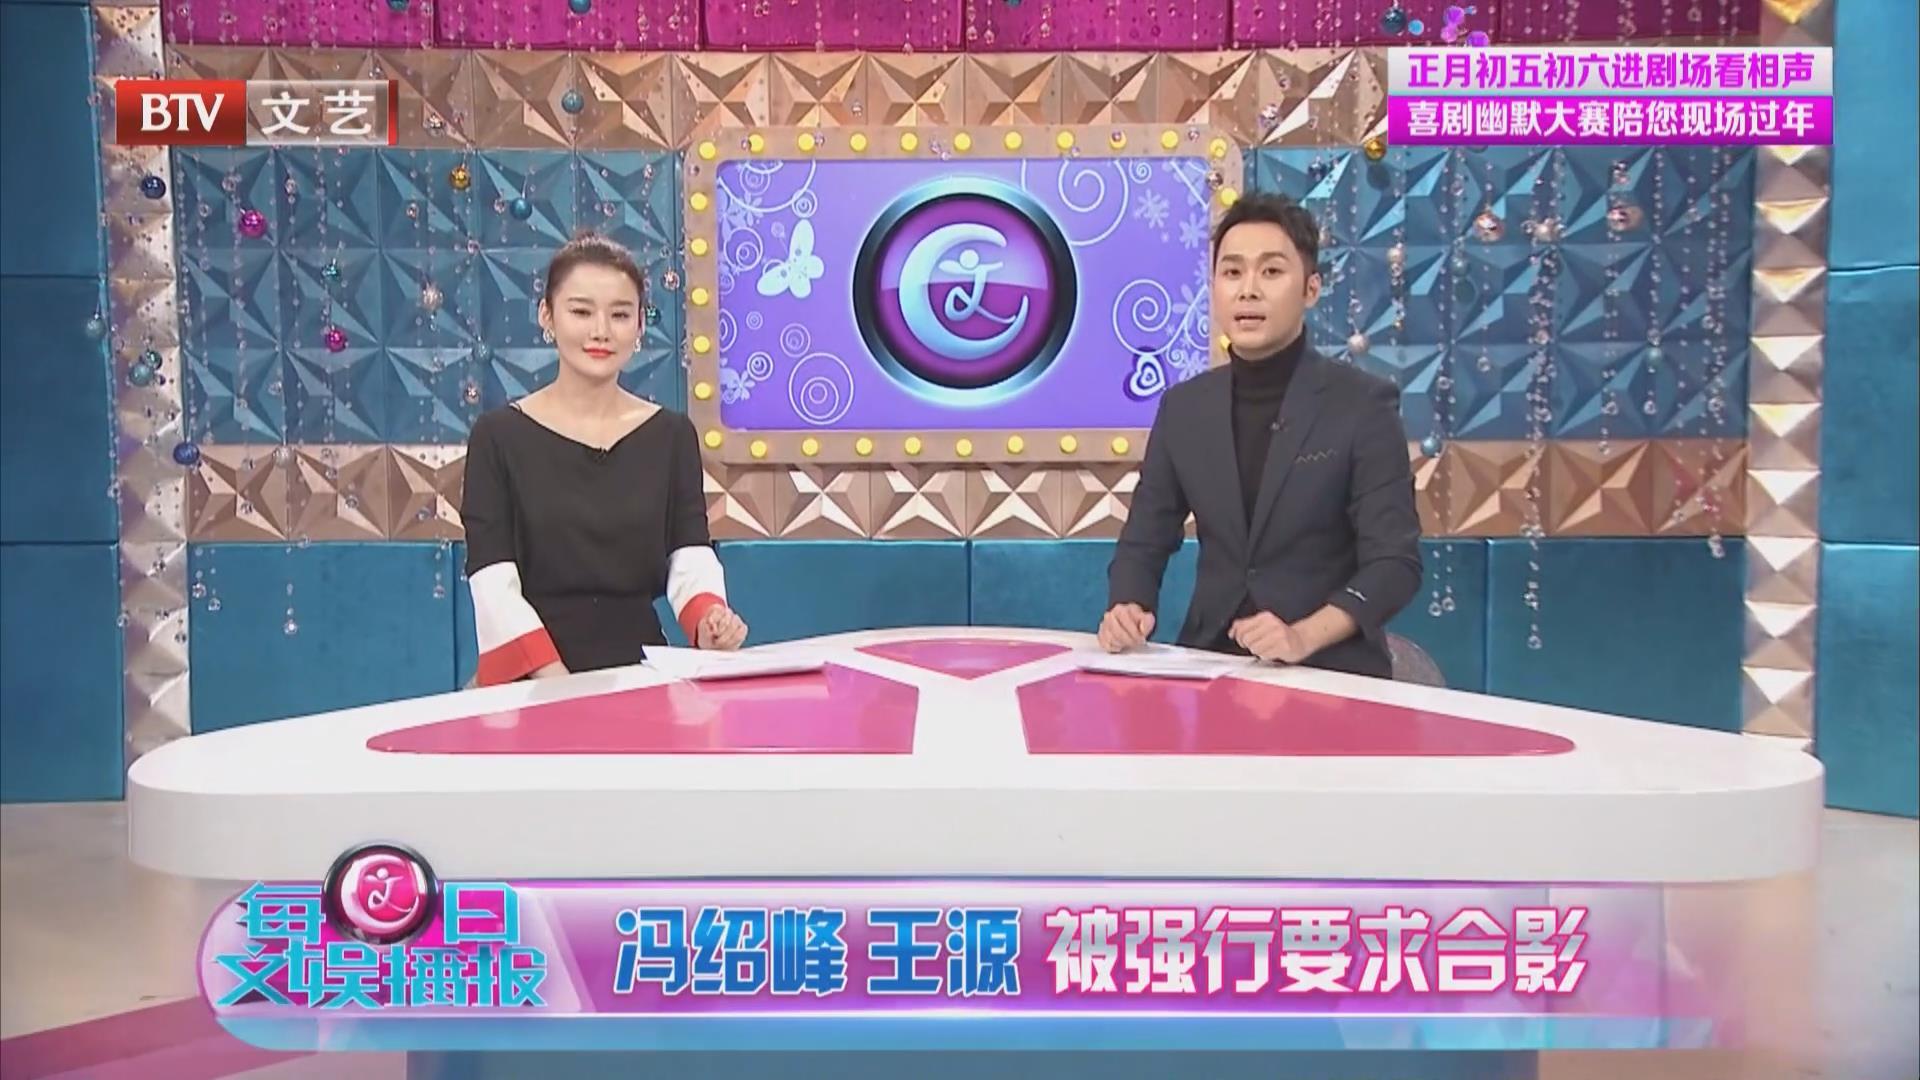 馮紹峰 王源 被強行要求合影